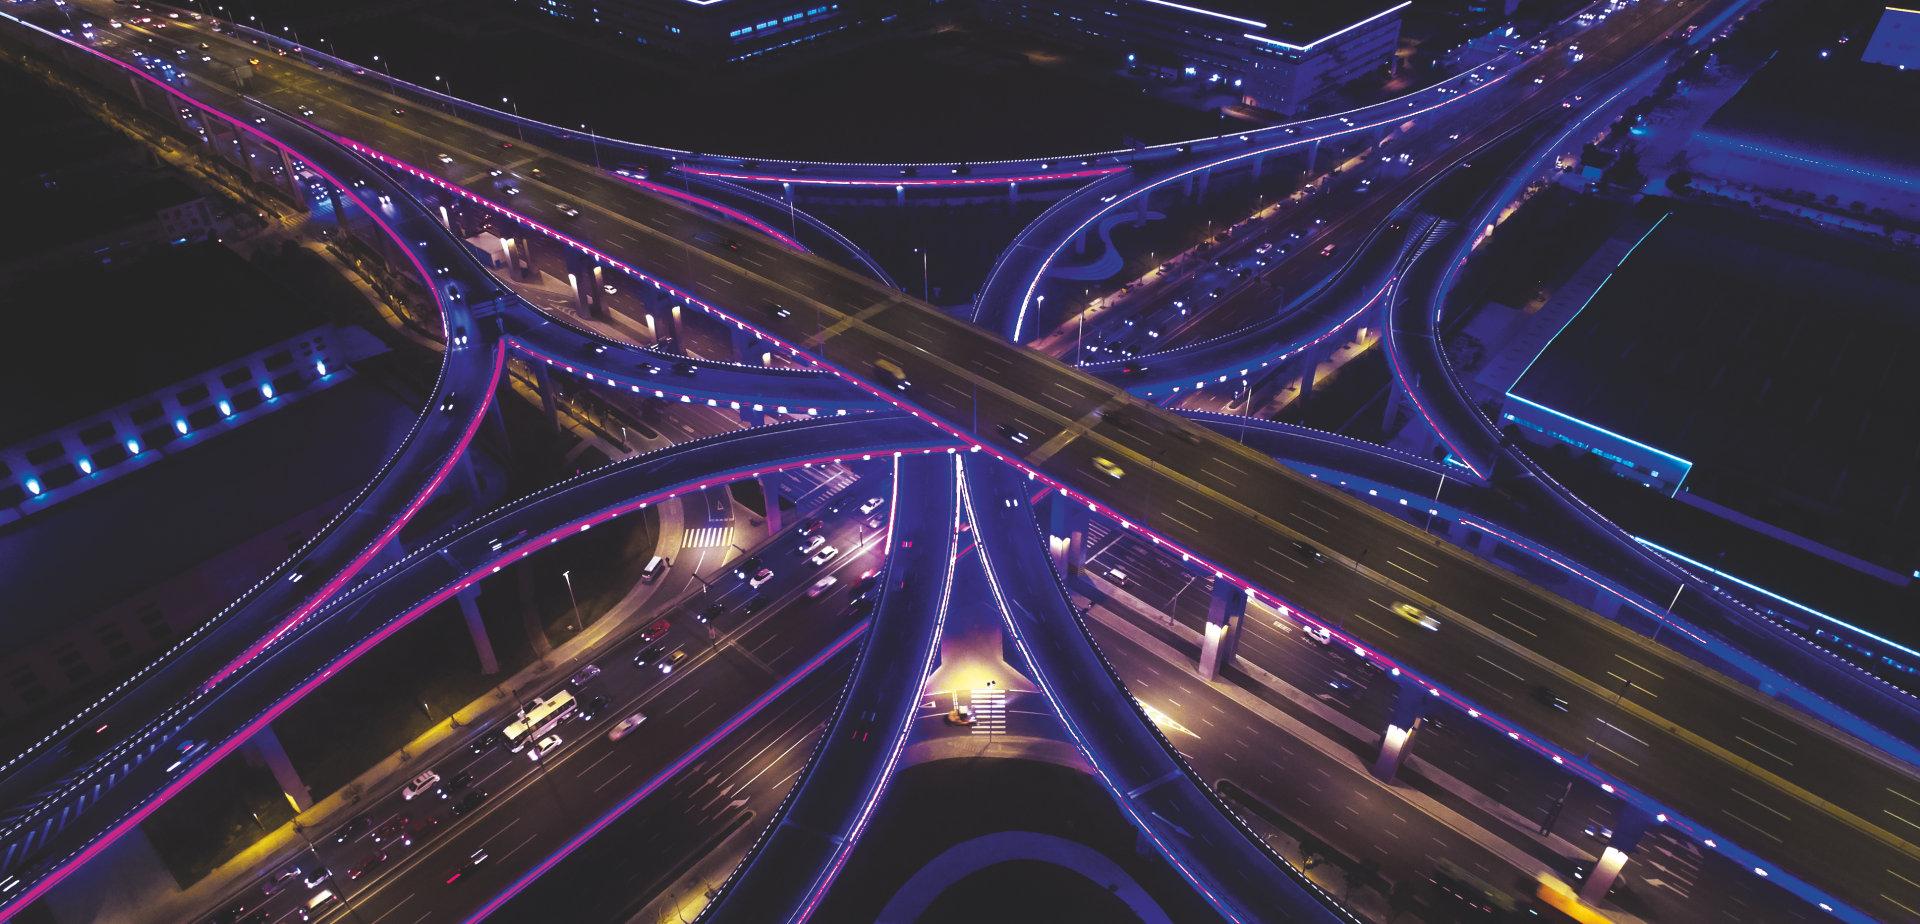 适合智慧城市和公共空间的灯光